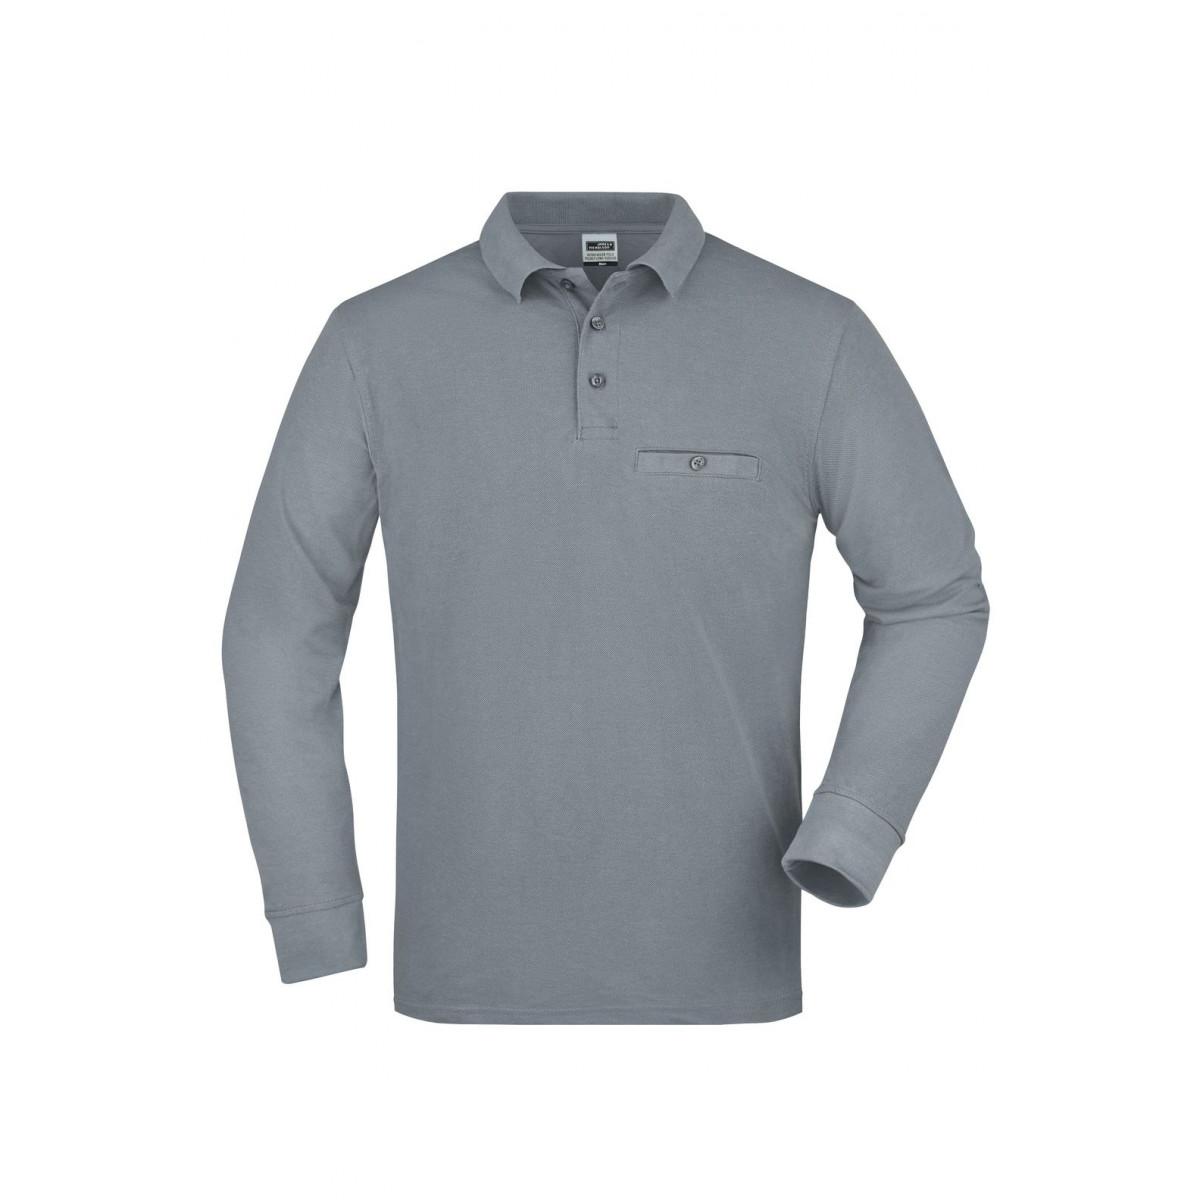 Рубашка поло мужская JN866 Mens Workwear Polo Pocket Longsleeve - Серый меланж